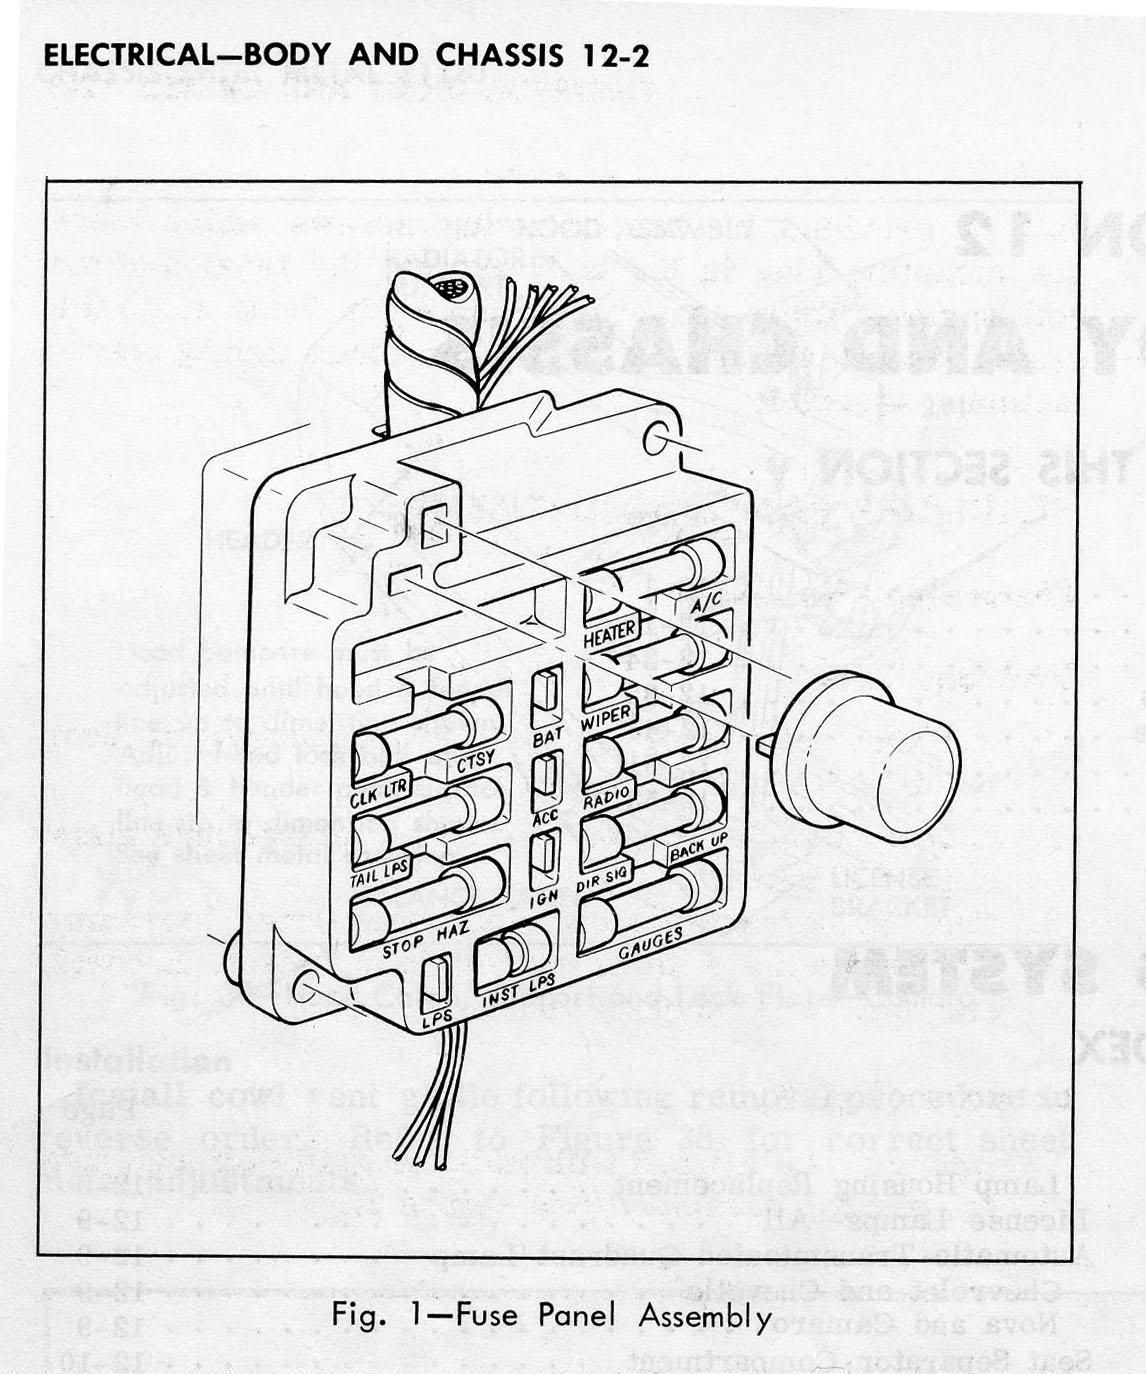 Enjoyable 78 Corvette Fuse Box Diagram Wiring Diagram Data Wiring Cloud Icalpermsplehendilmohammedshrineorg